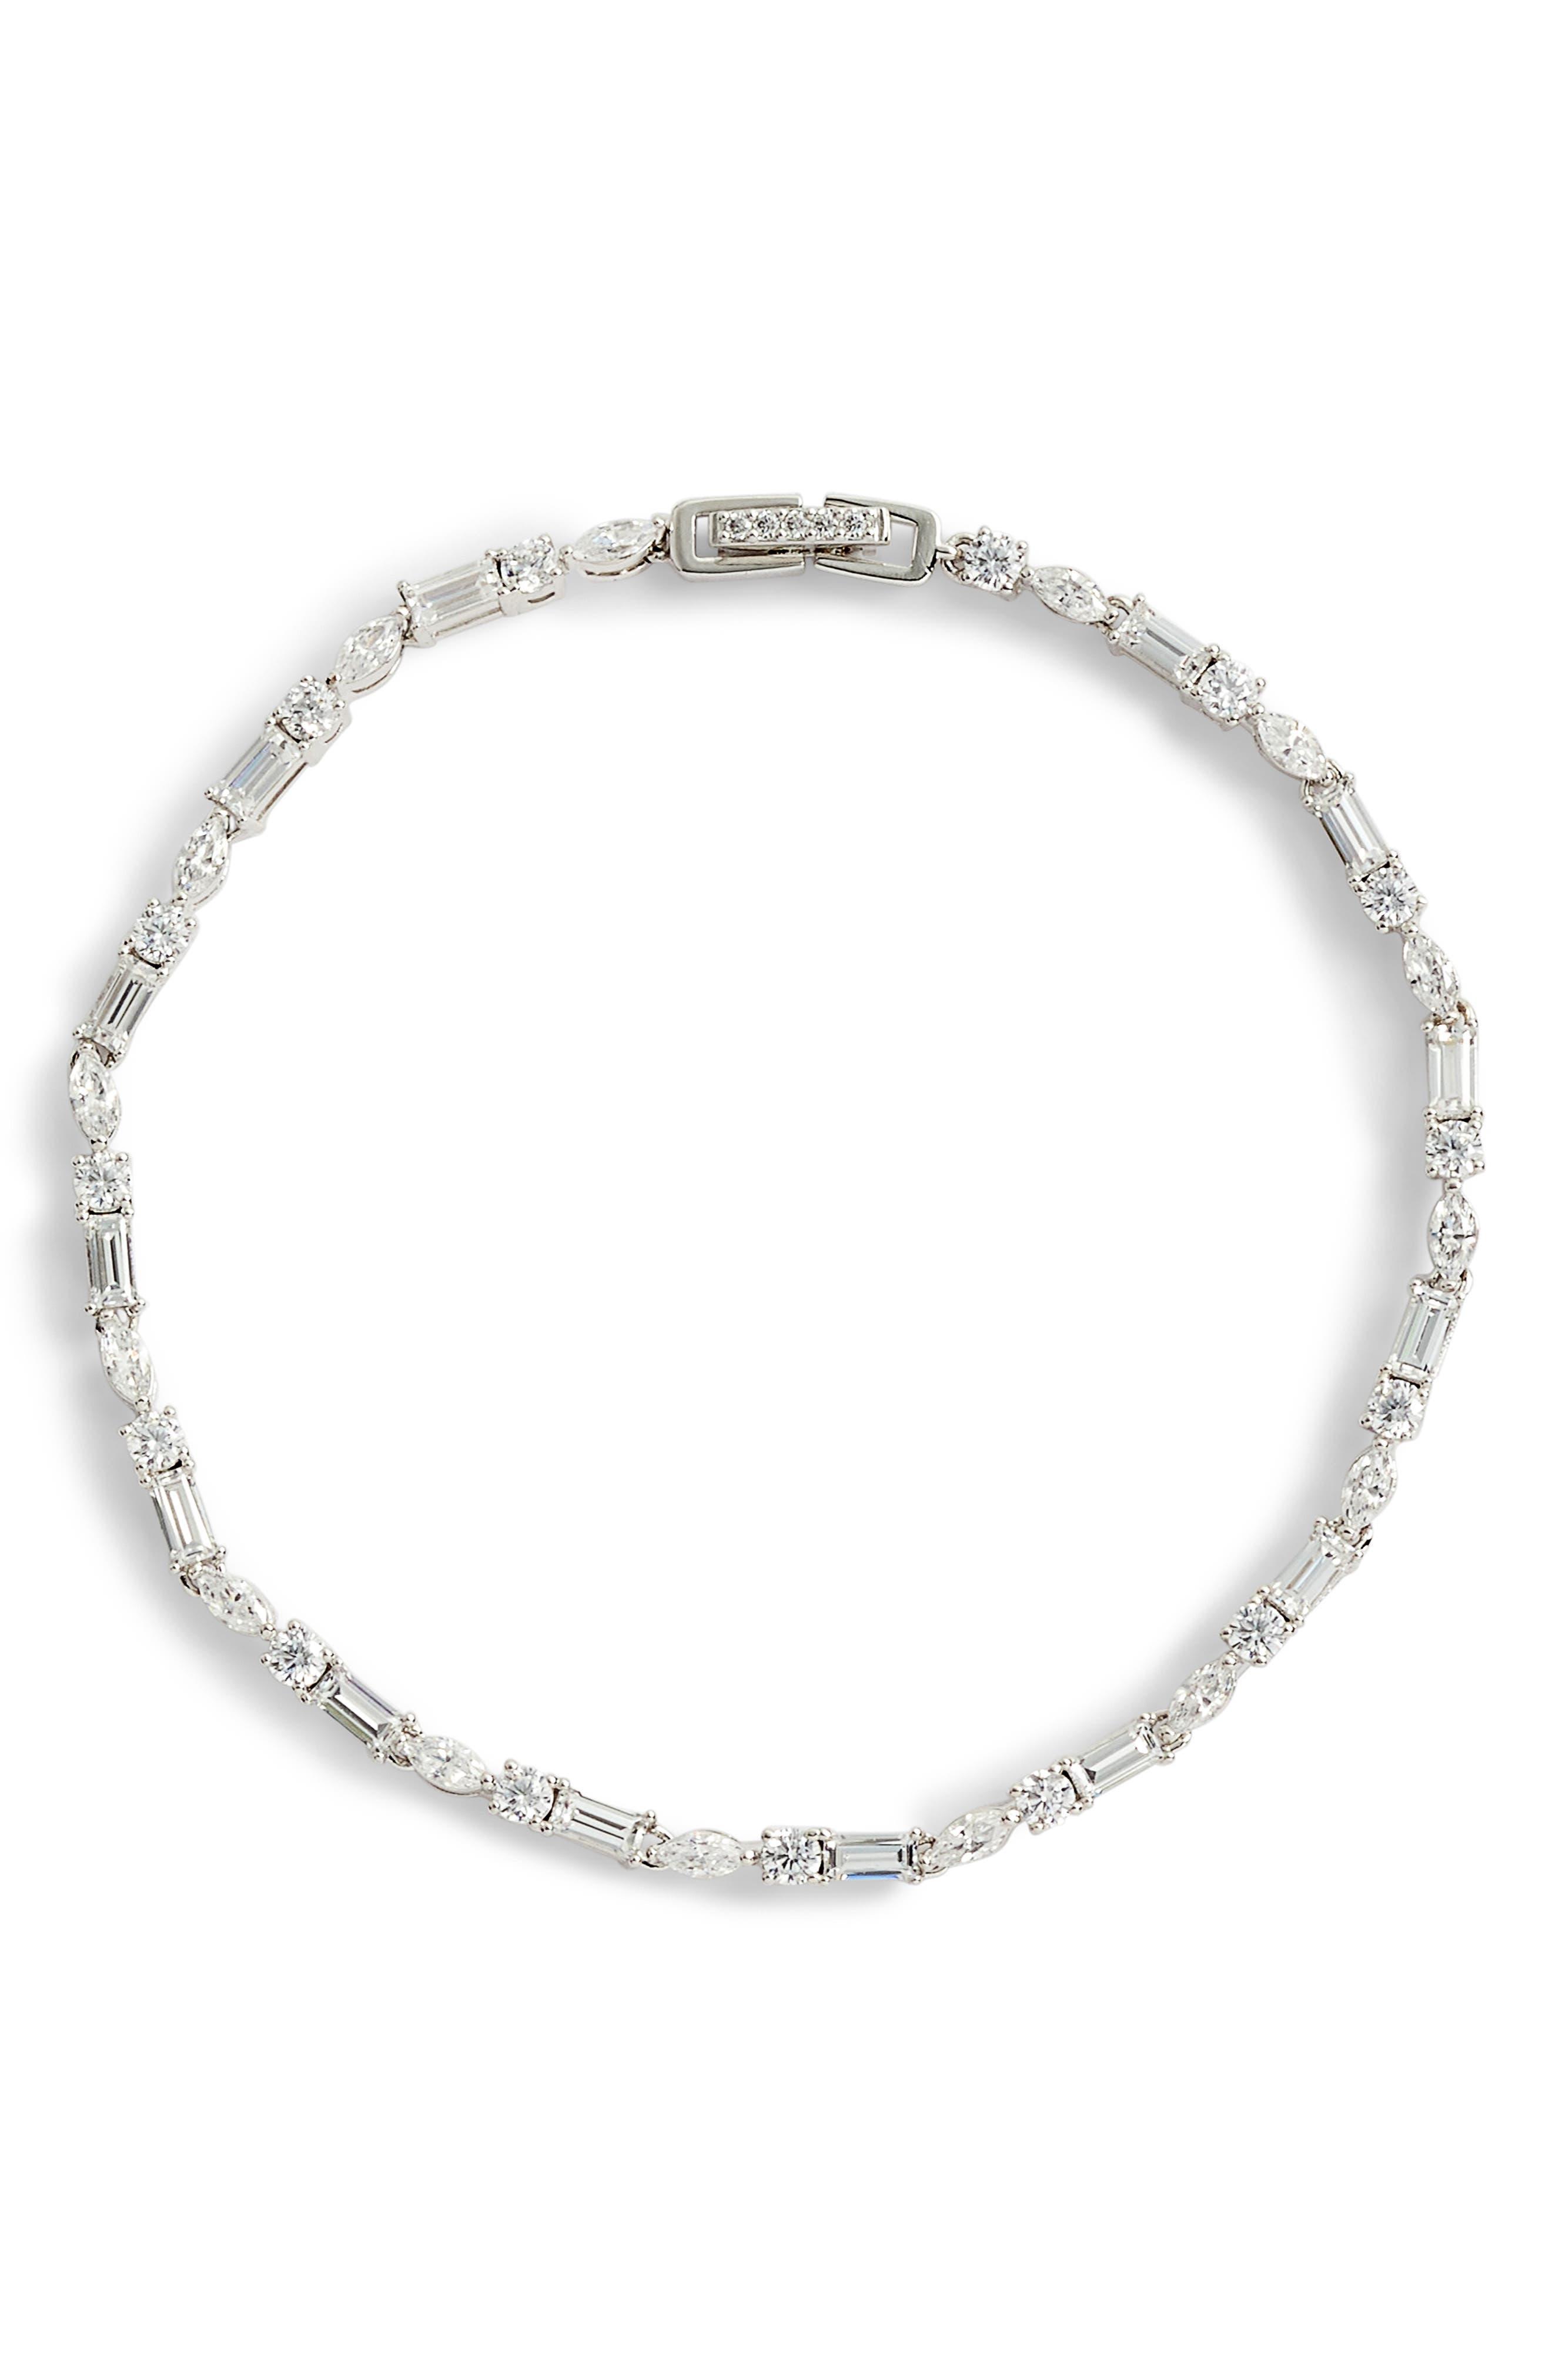 Fanfare Line Bracelet,                             Main thumbnail 1, color,                             Silver